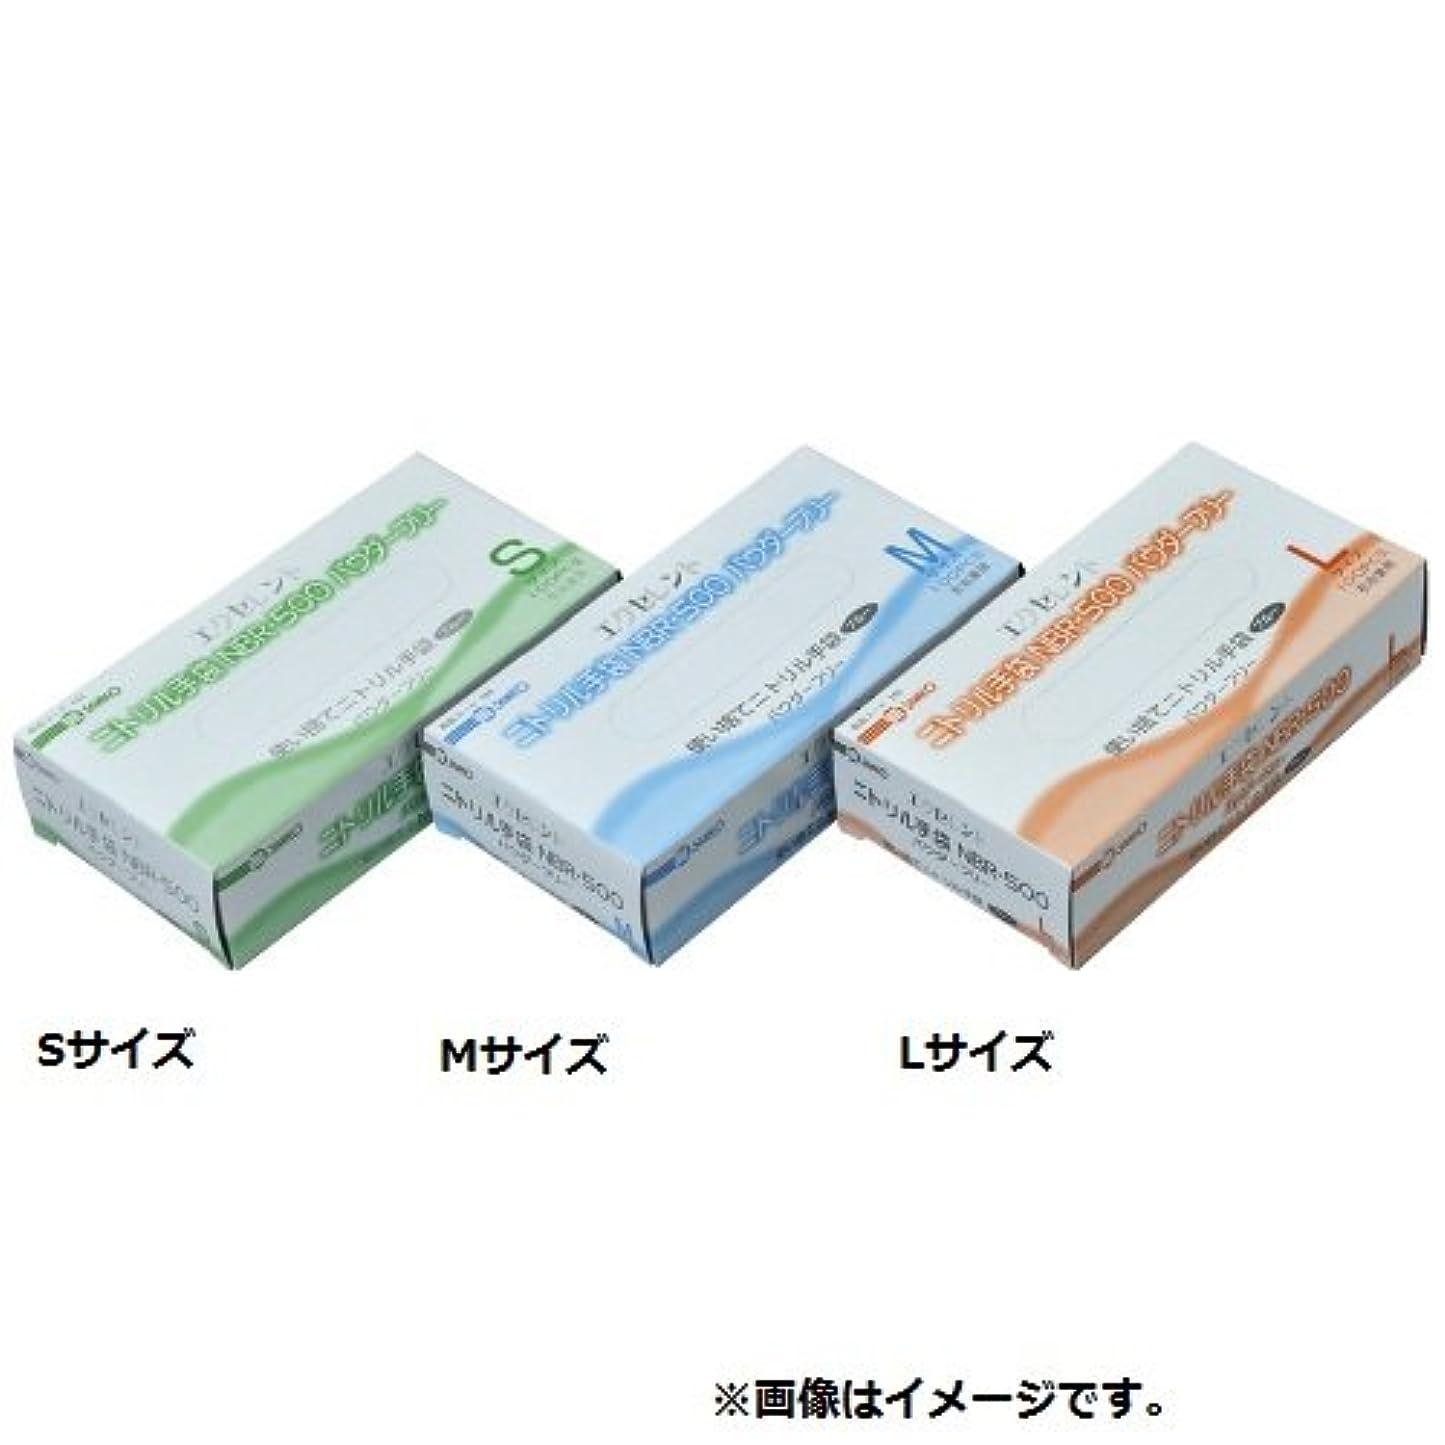 気候機動可能性エクセレントニトリル手袋NBR-500パウダーフリー S カラー:ブルー 入数:1箱(100枚)×20箱